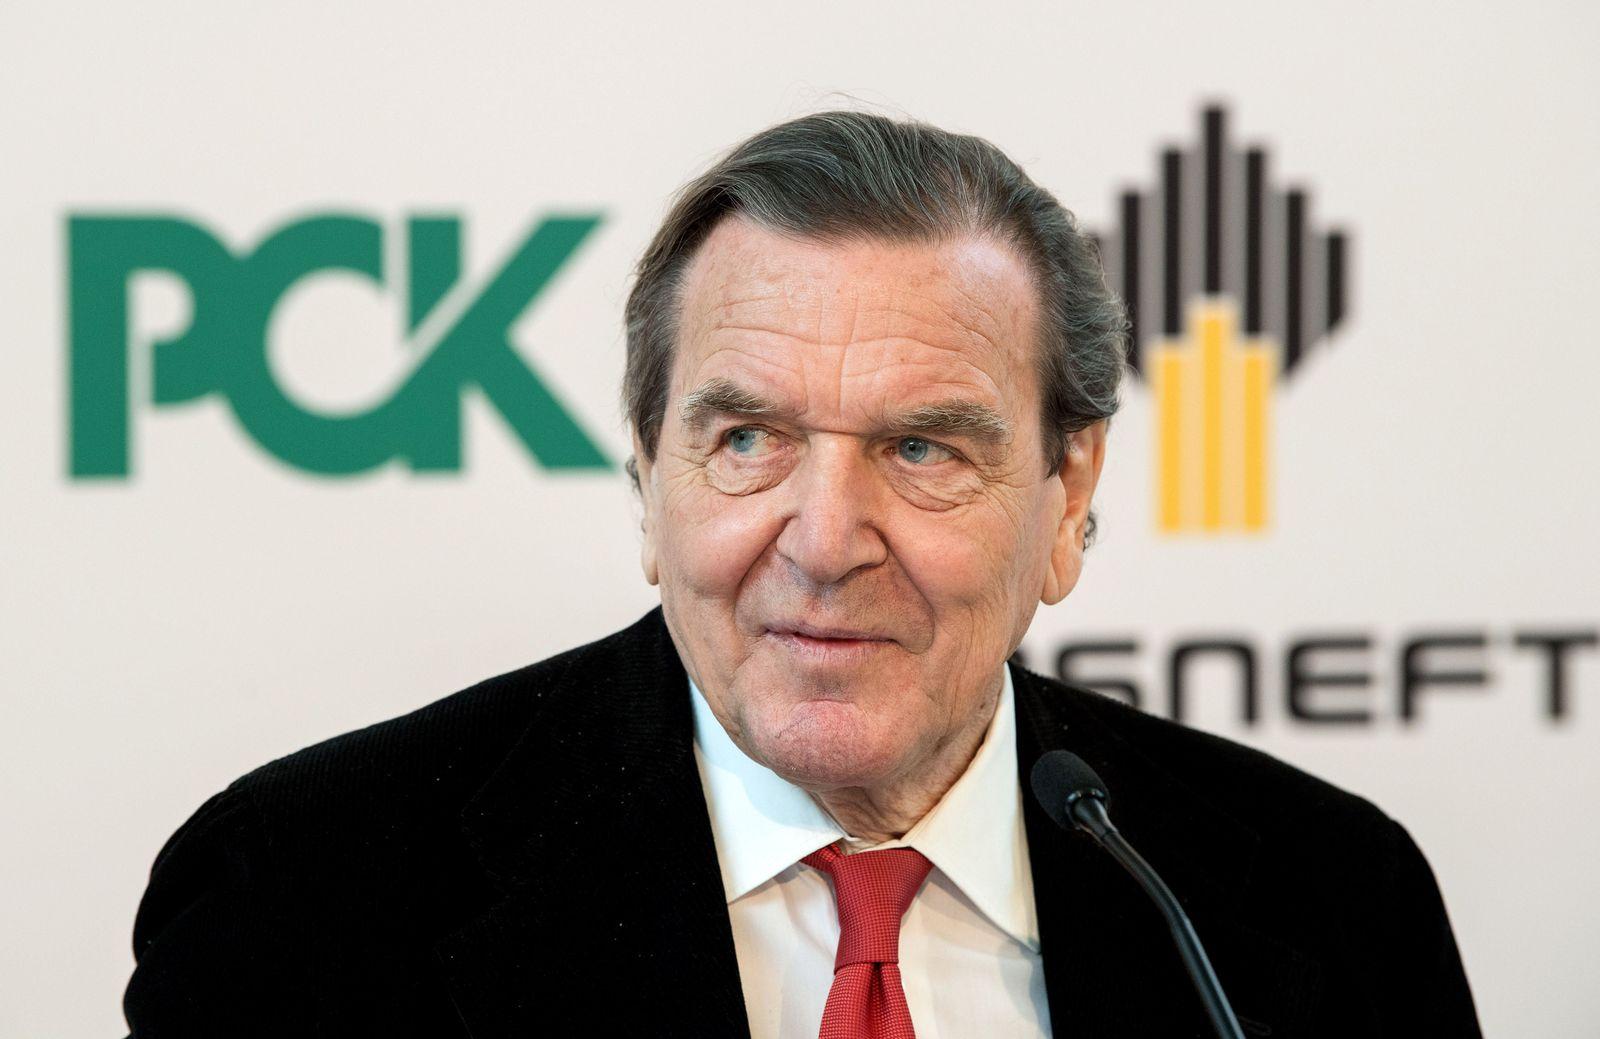 Politikveteranen/ Schröder